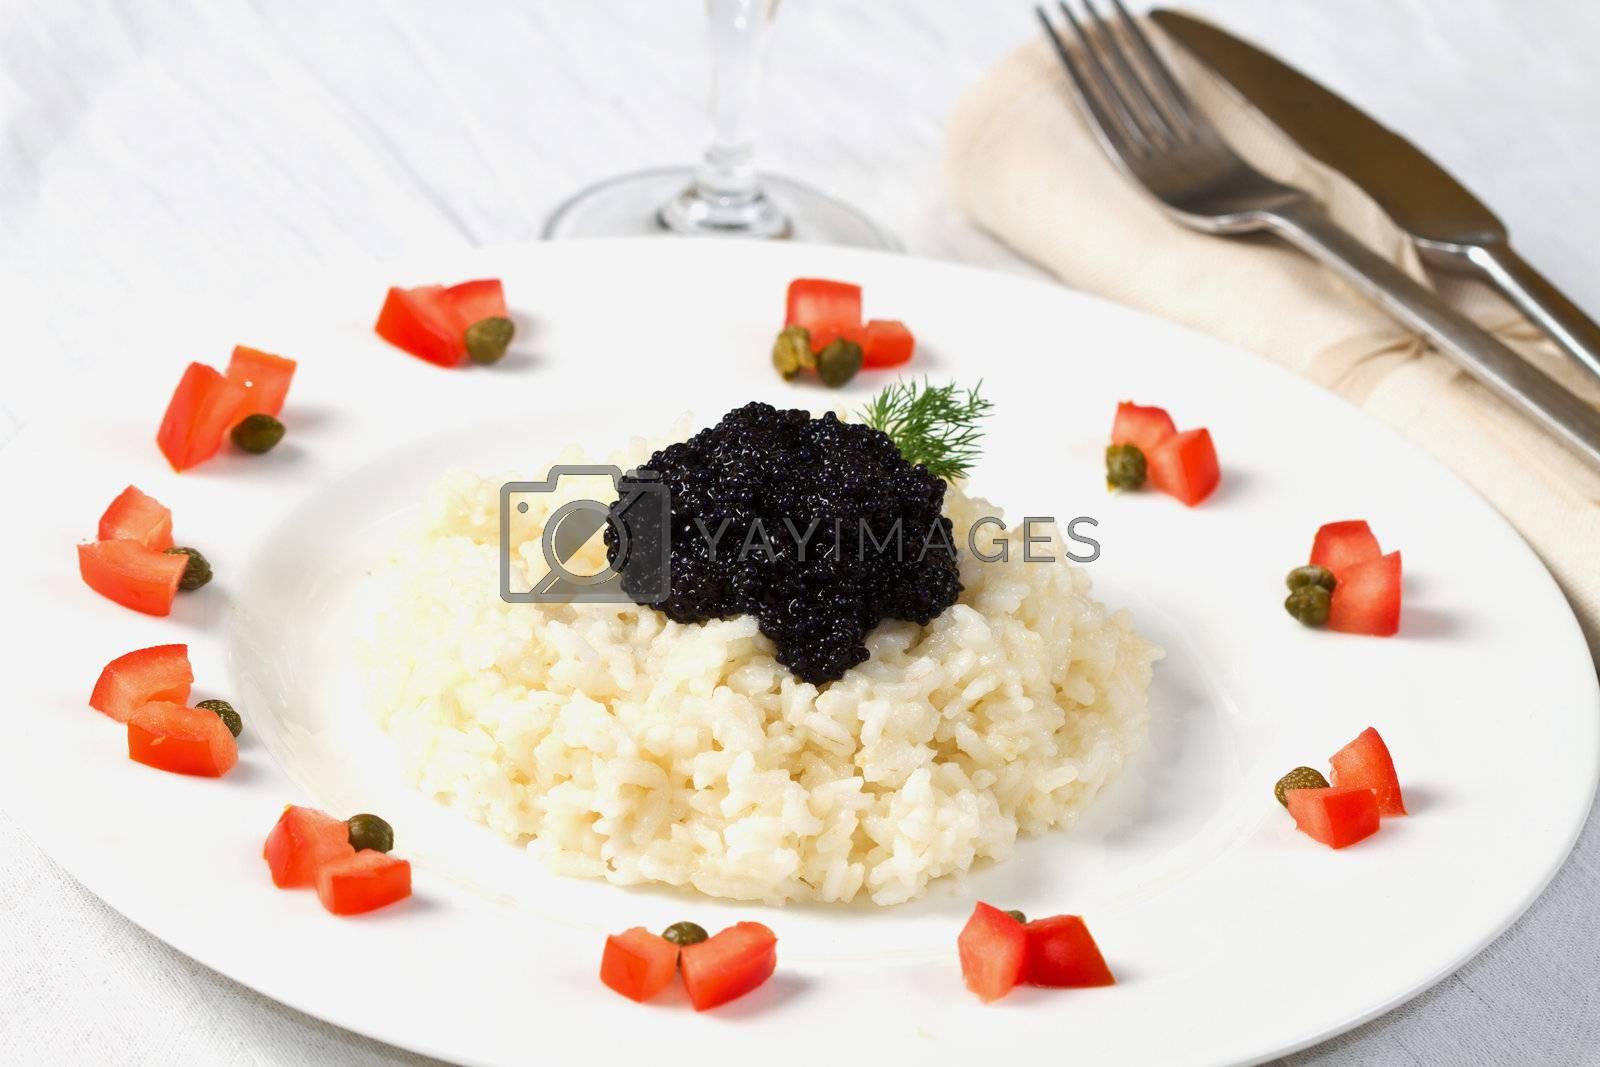 rice with black caviar